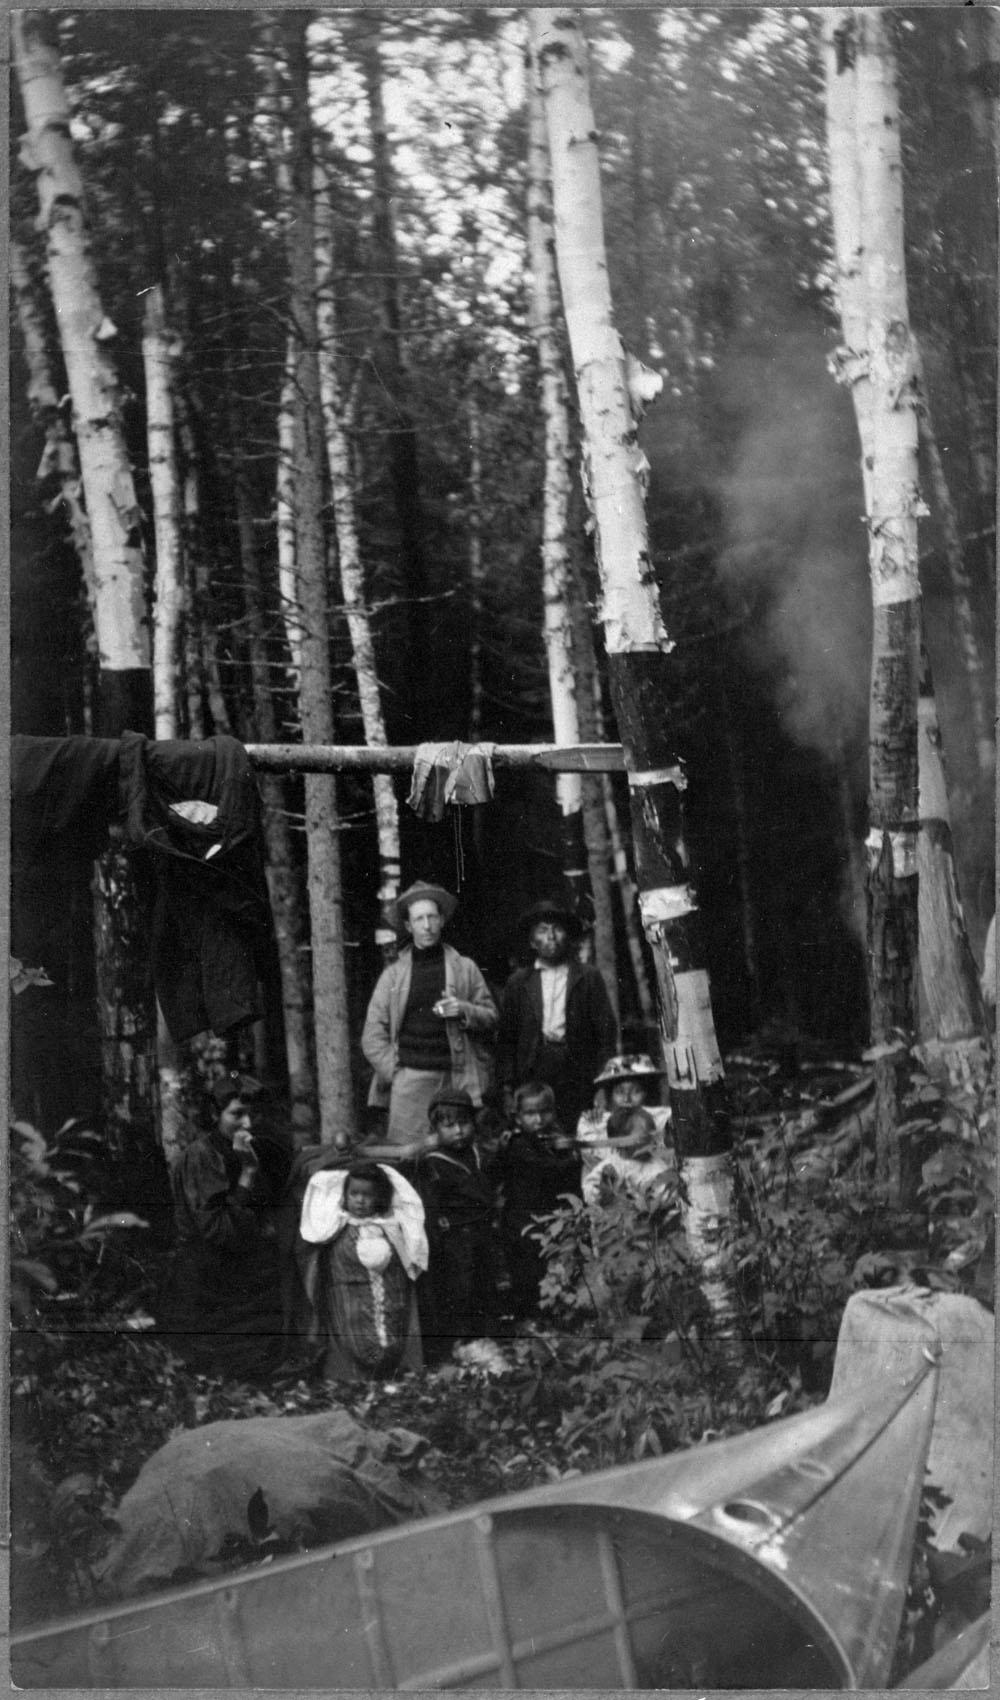 Photographie noir et blanc de huit personnes en forêt, dont un bébé dans un tikinagan. On voit un canot à l'avant-plan.